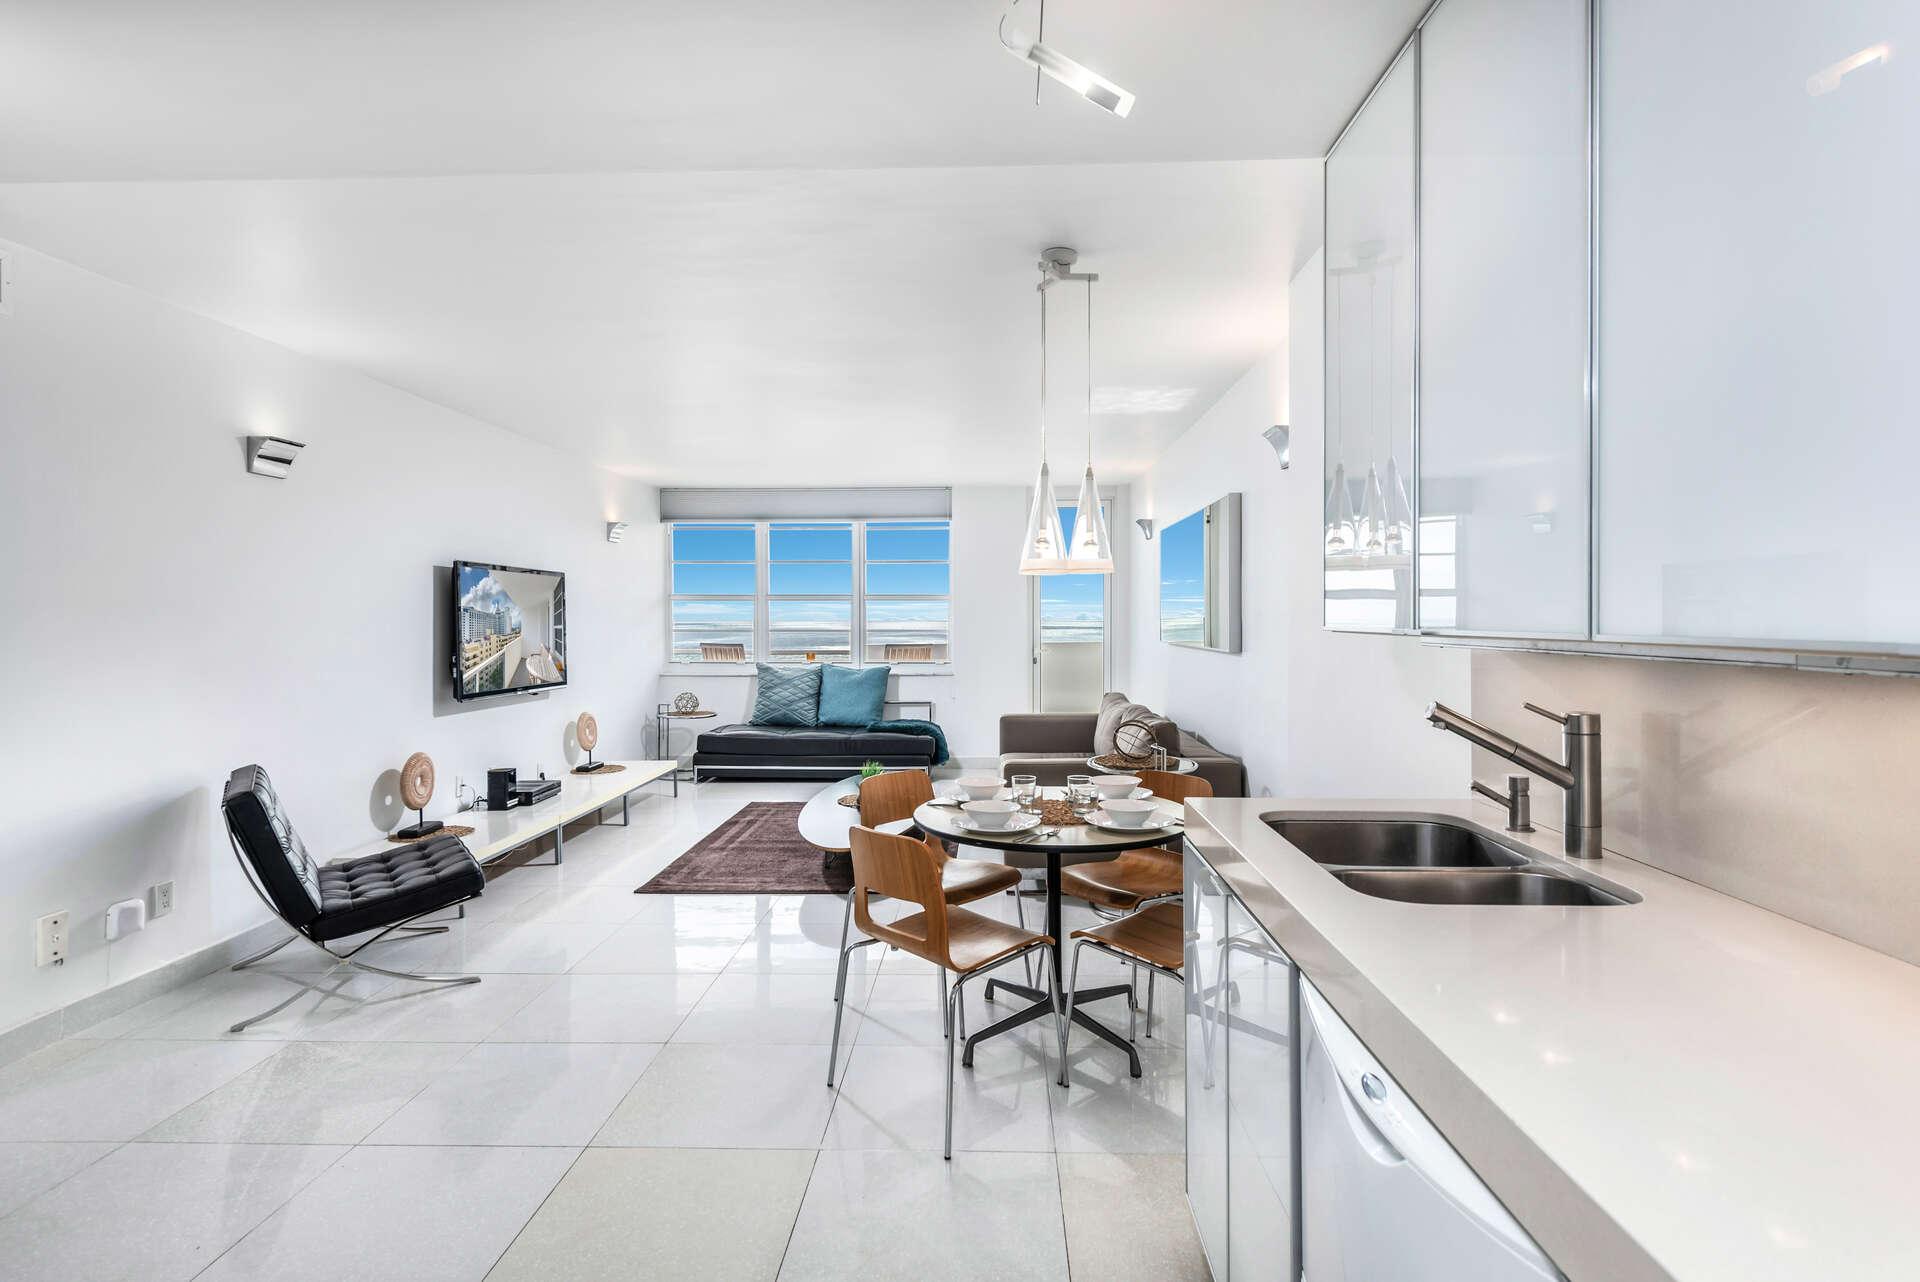 Luxury vacation rentals usa - Florida - Miami beach - No location 4 - Decoplage - Image 1/12